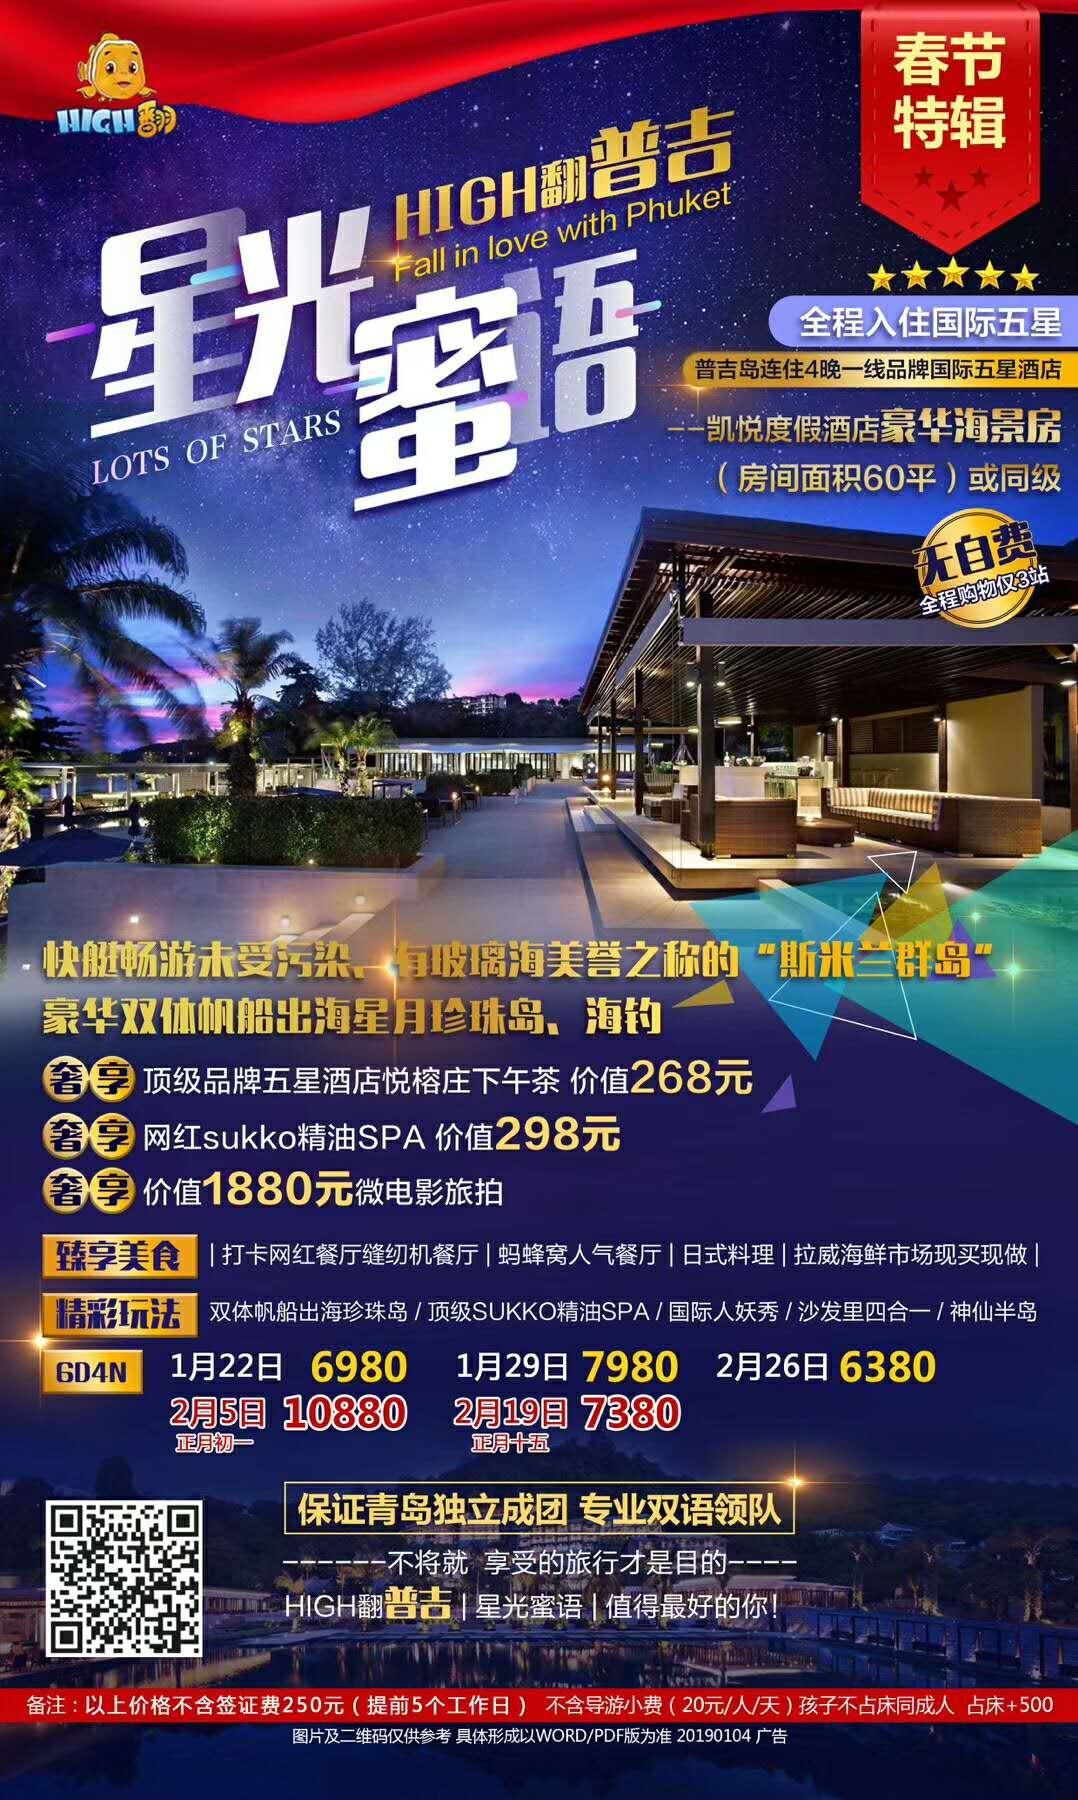 春节 星光蜜语 全程入住国际五星酒店